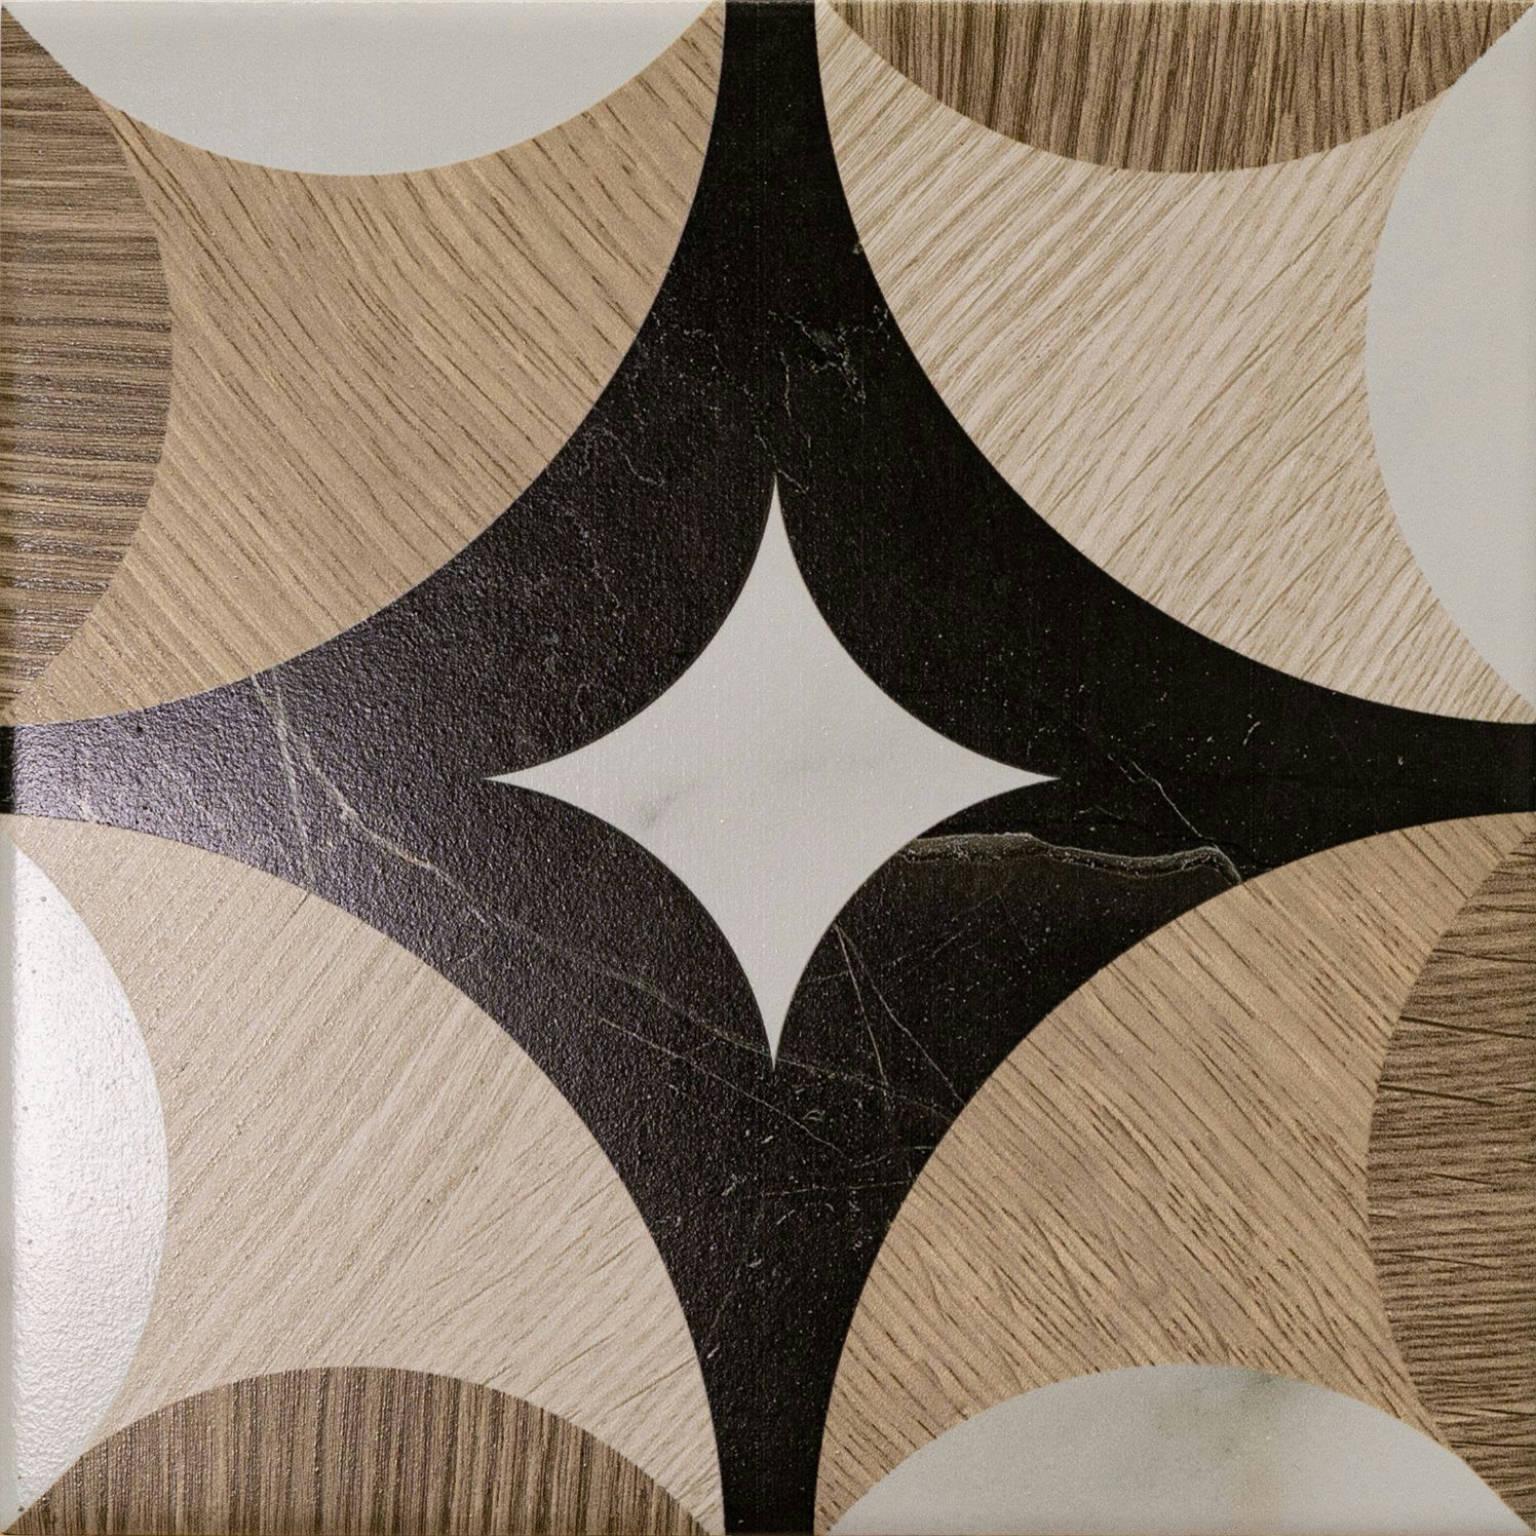 Lounge Round Multi 18,6x18,6 | Newker